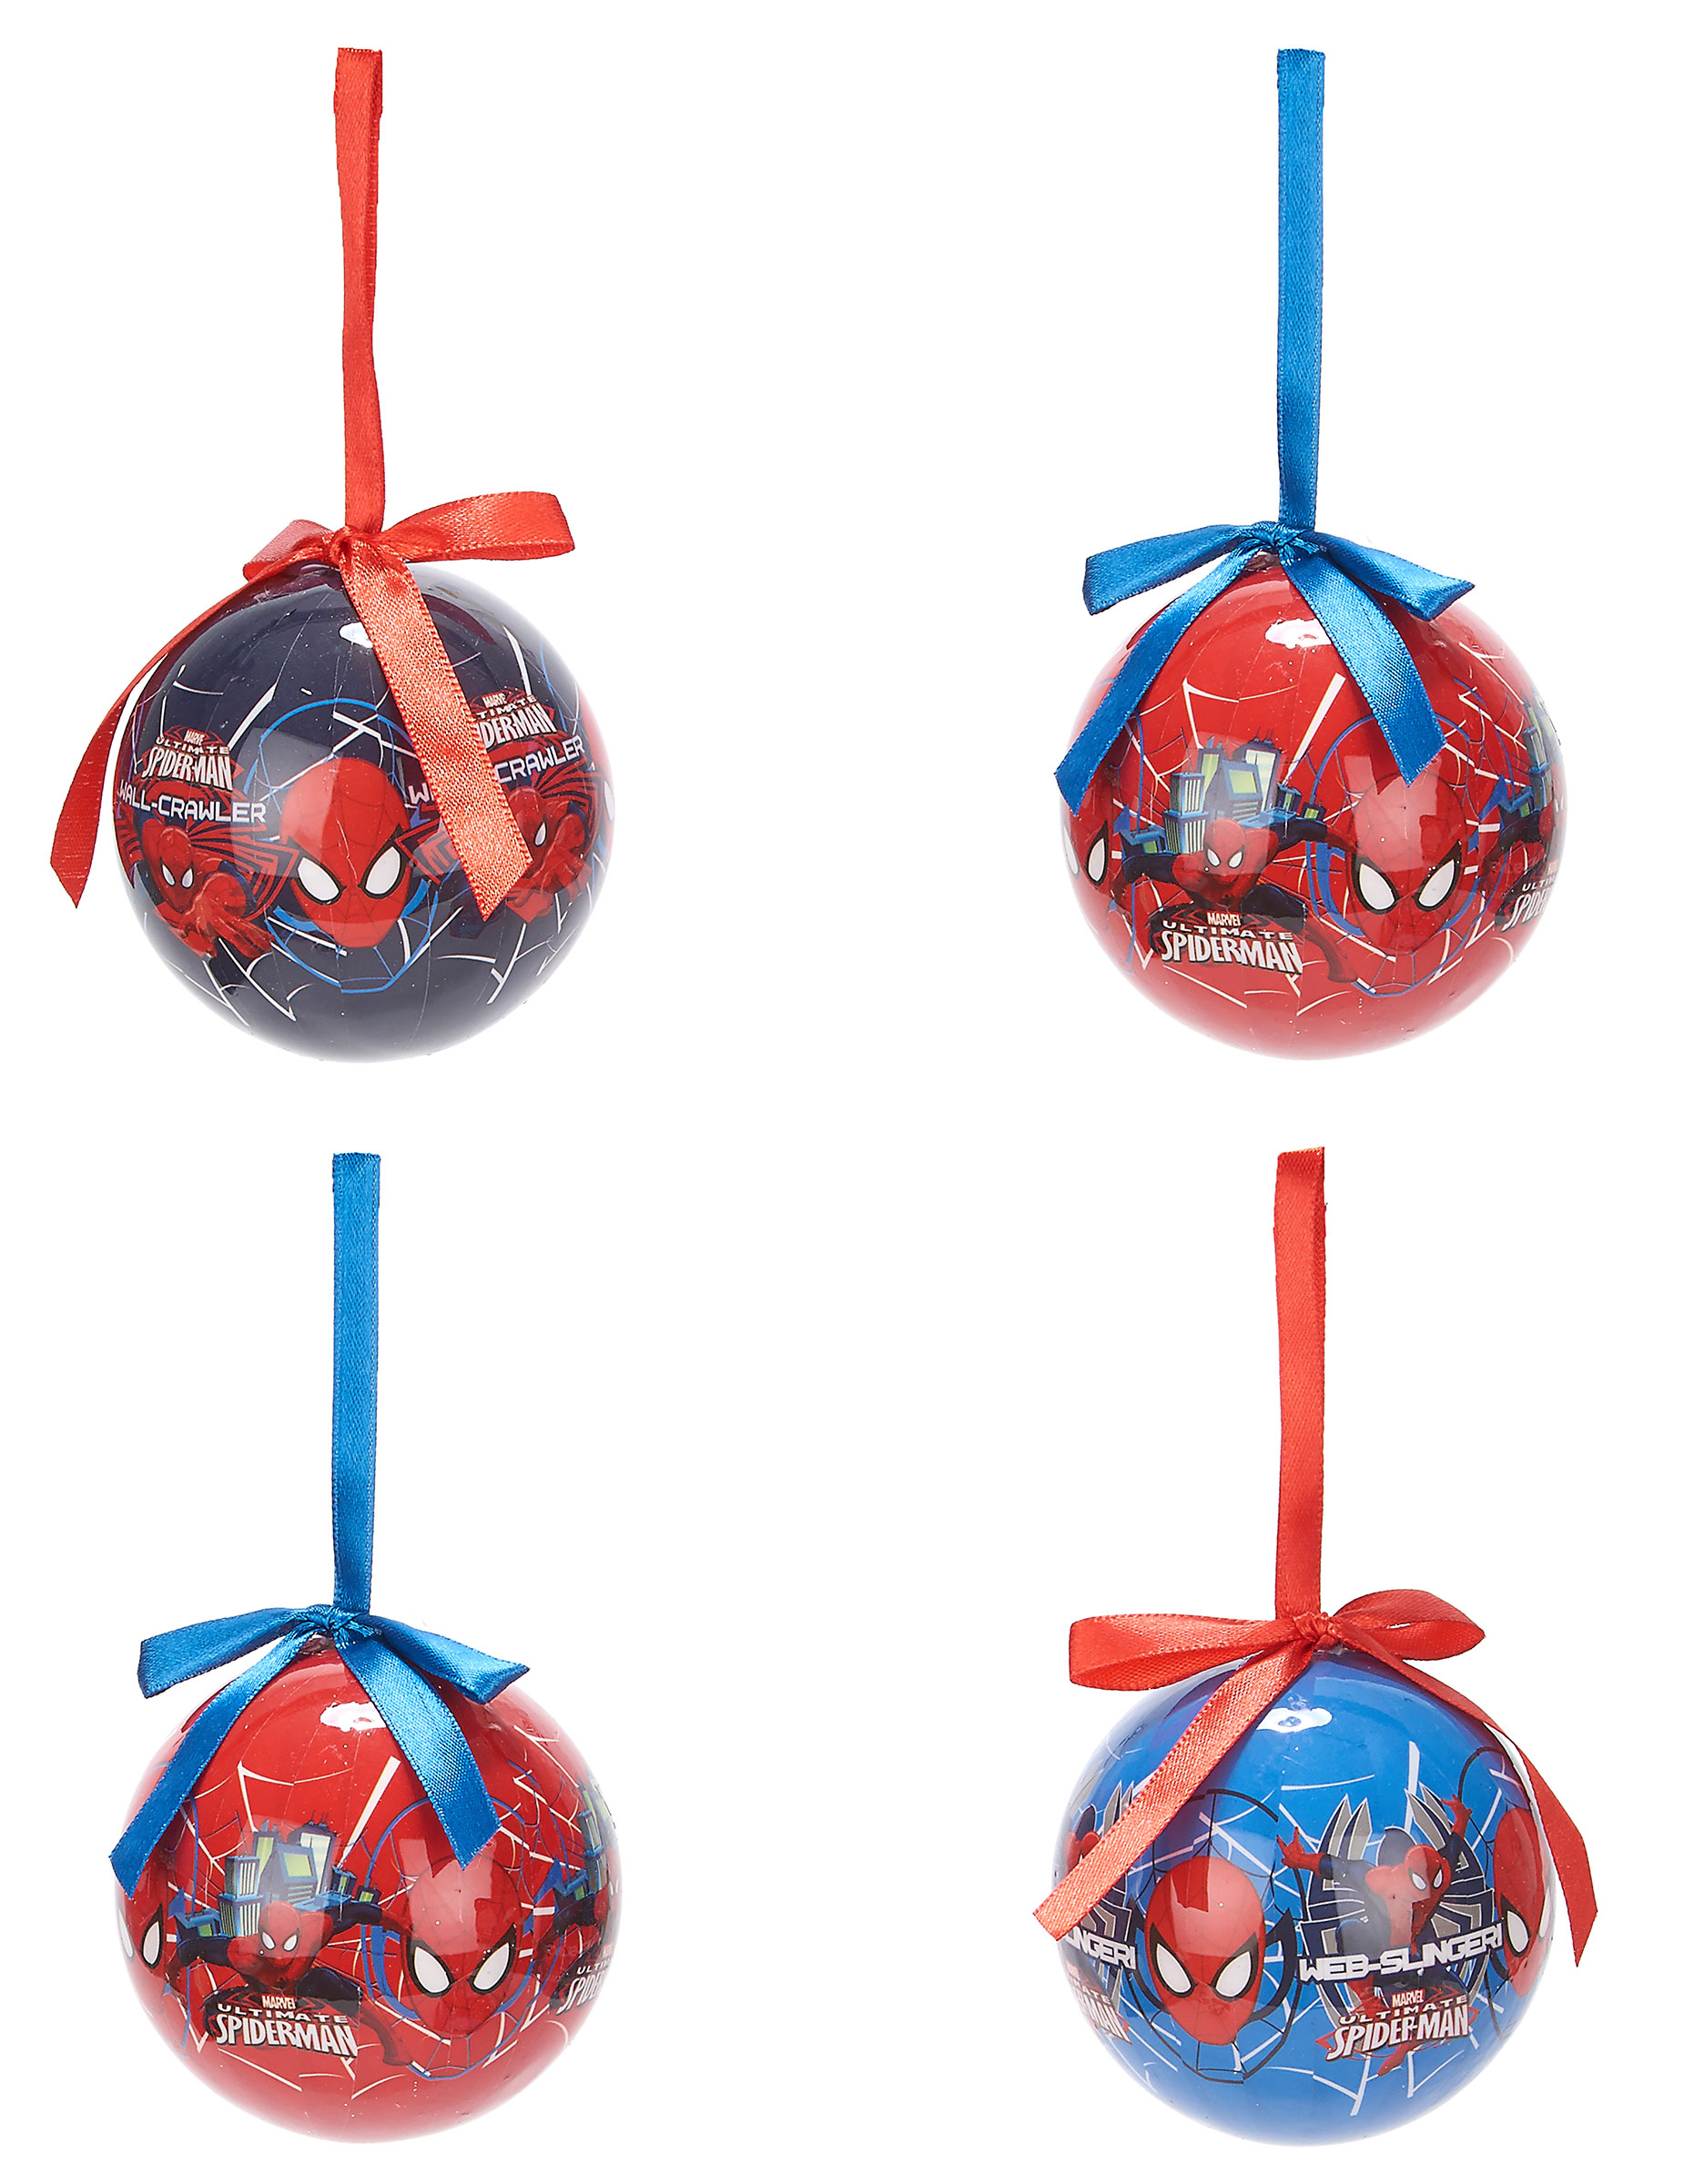 Ausgefallene Christbaumkugeln.Christbaumkugeln Weihnachten Lizenzware Spiderman 4 Stück Rot Blau